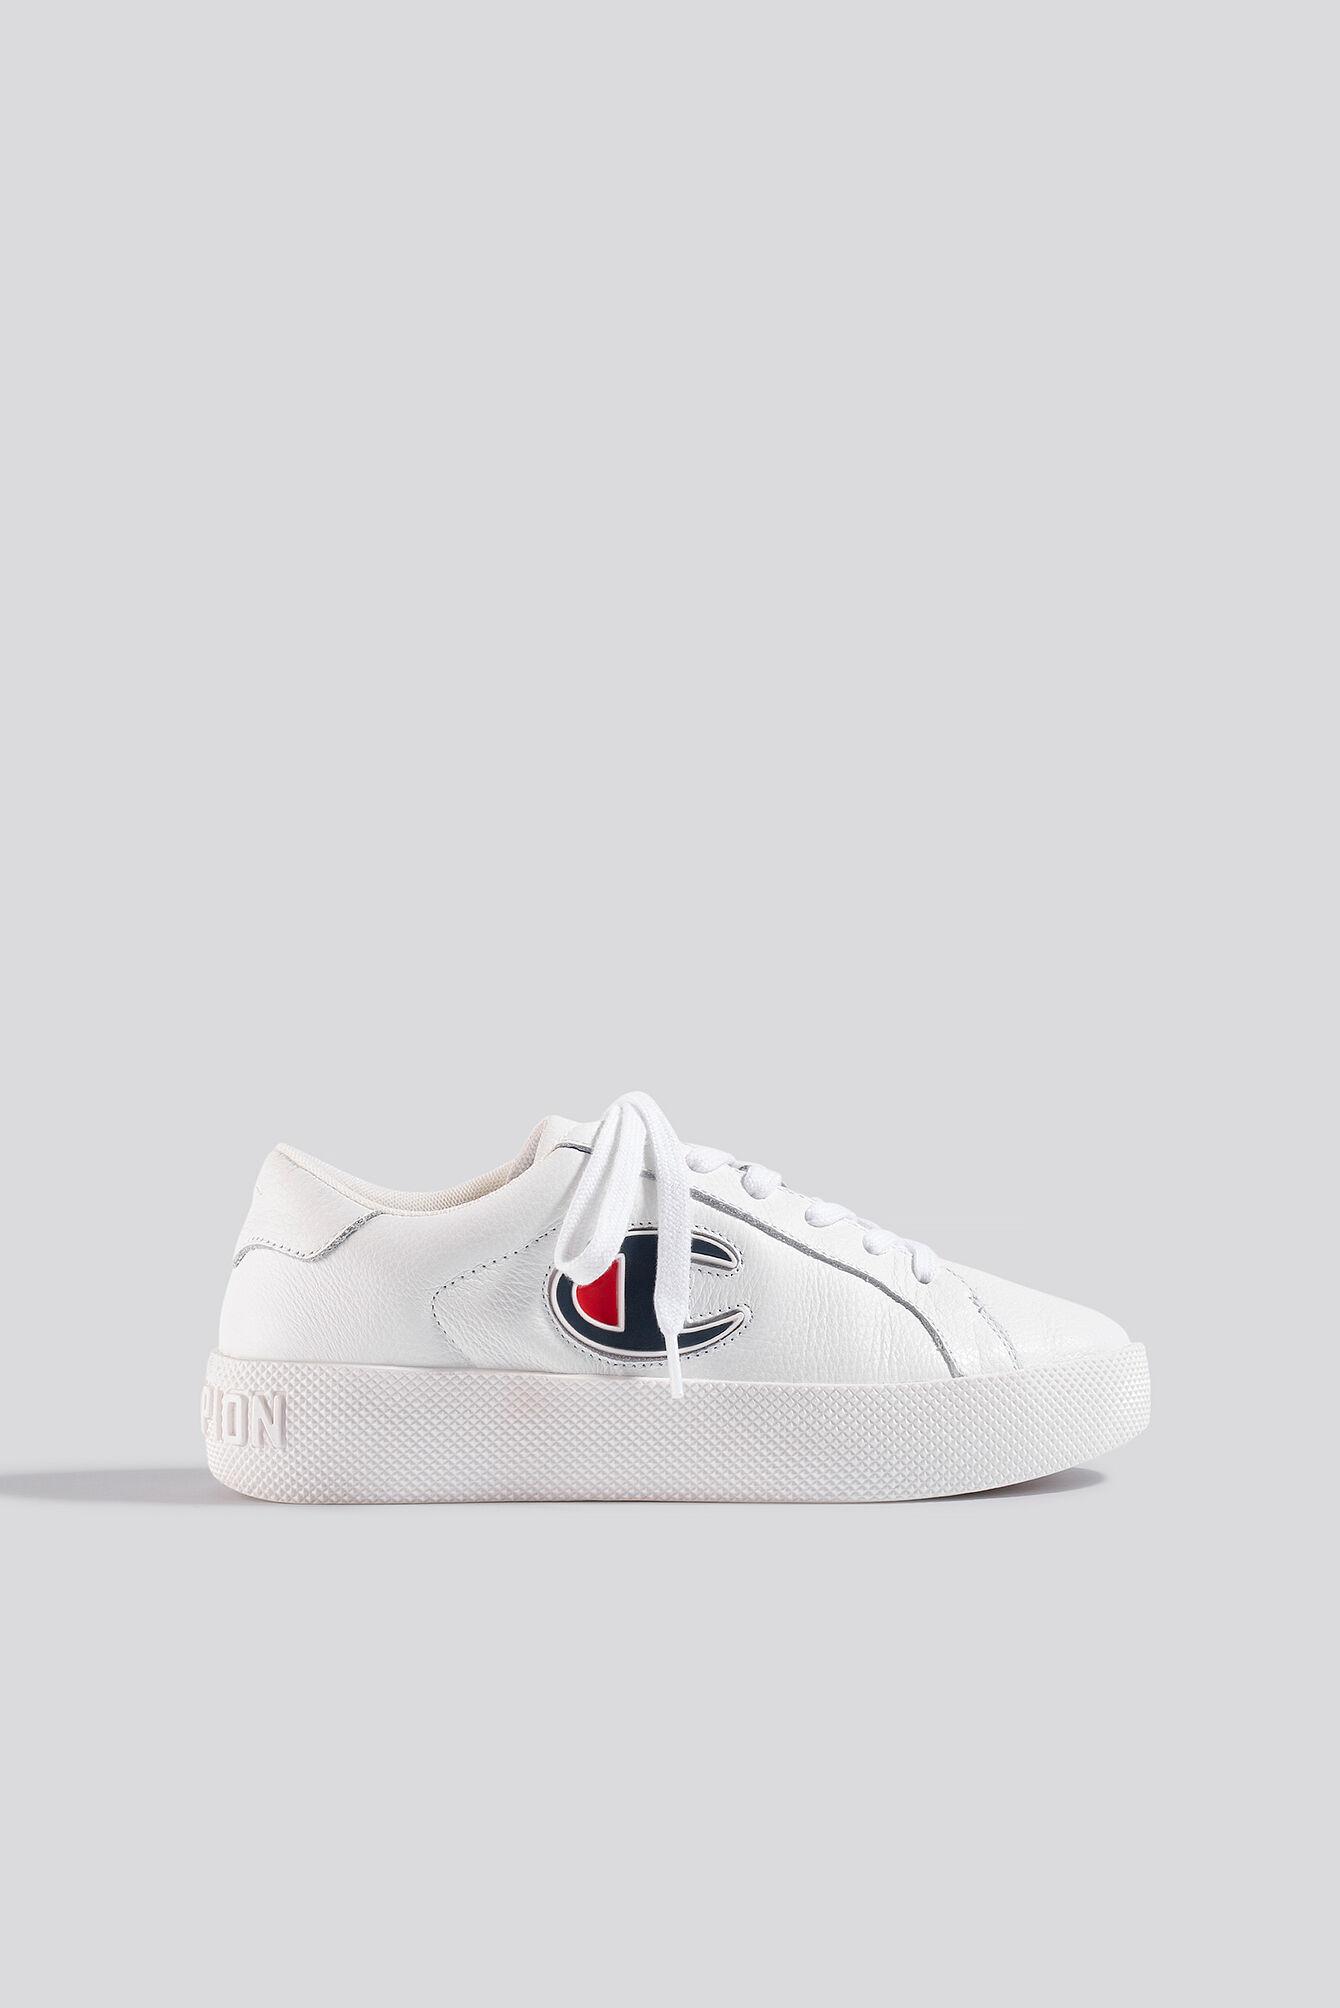 Champion Era Low Cut Leather Sneaker - White  - Size: EU 36.5,EU 37.5,EU 38,EU 38.5,EU 39,EU 40